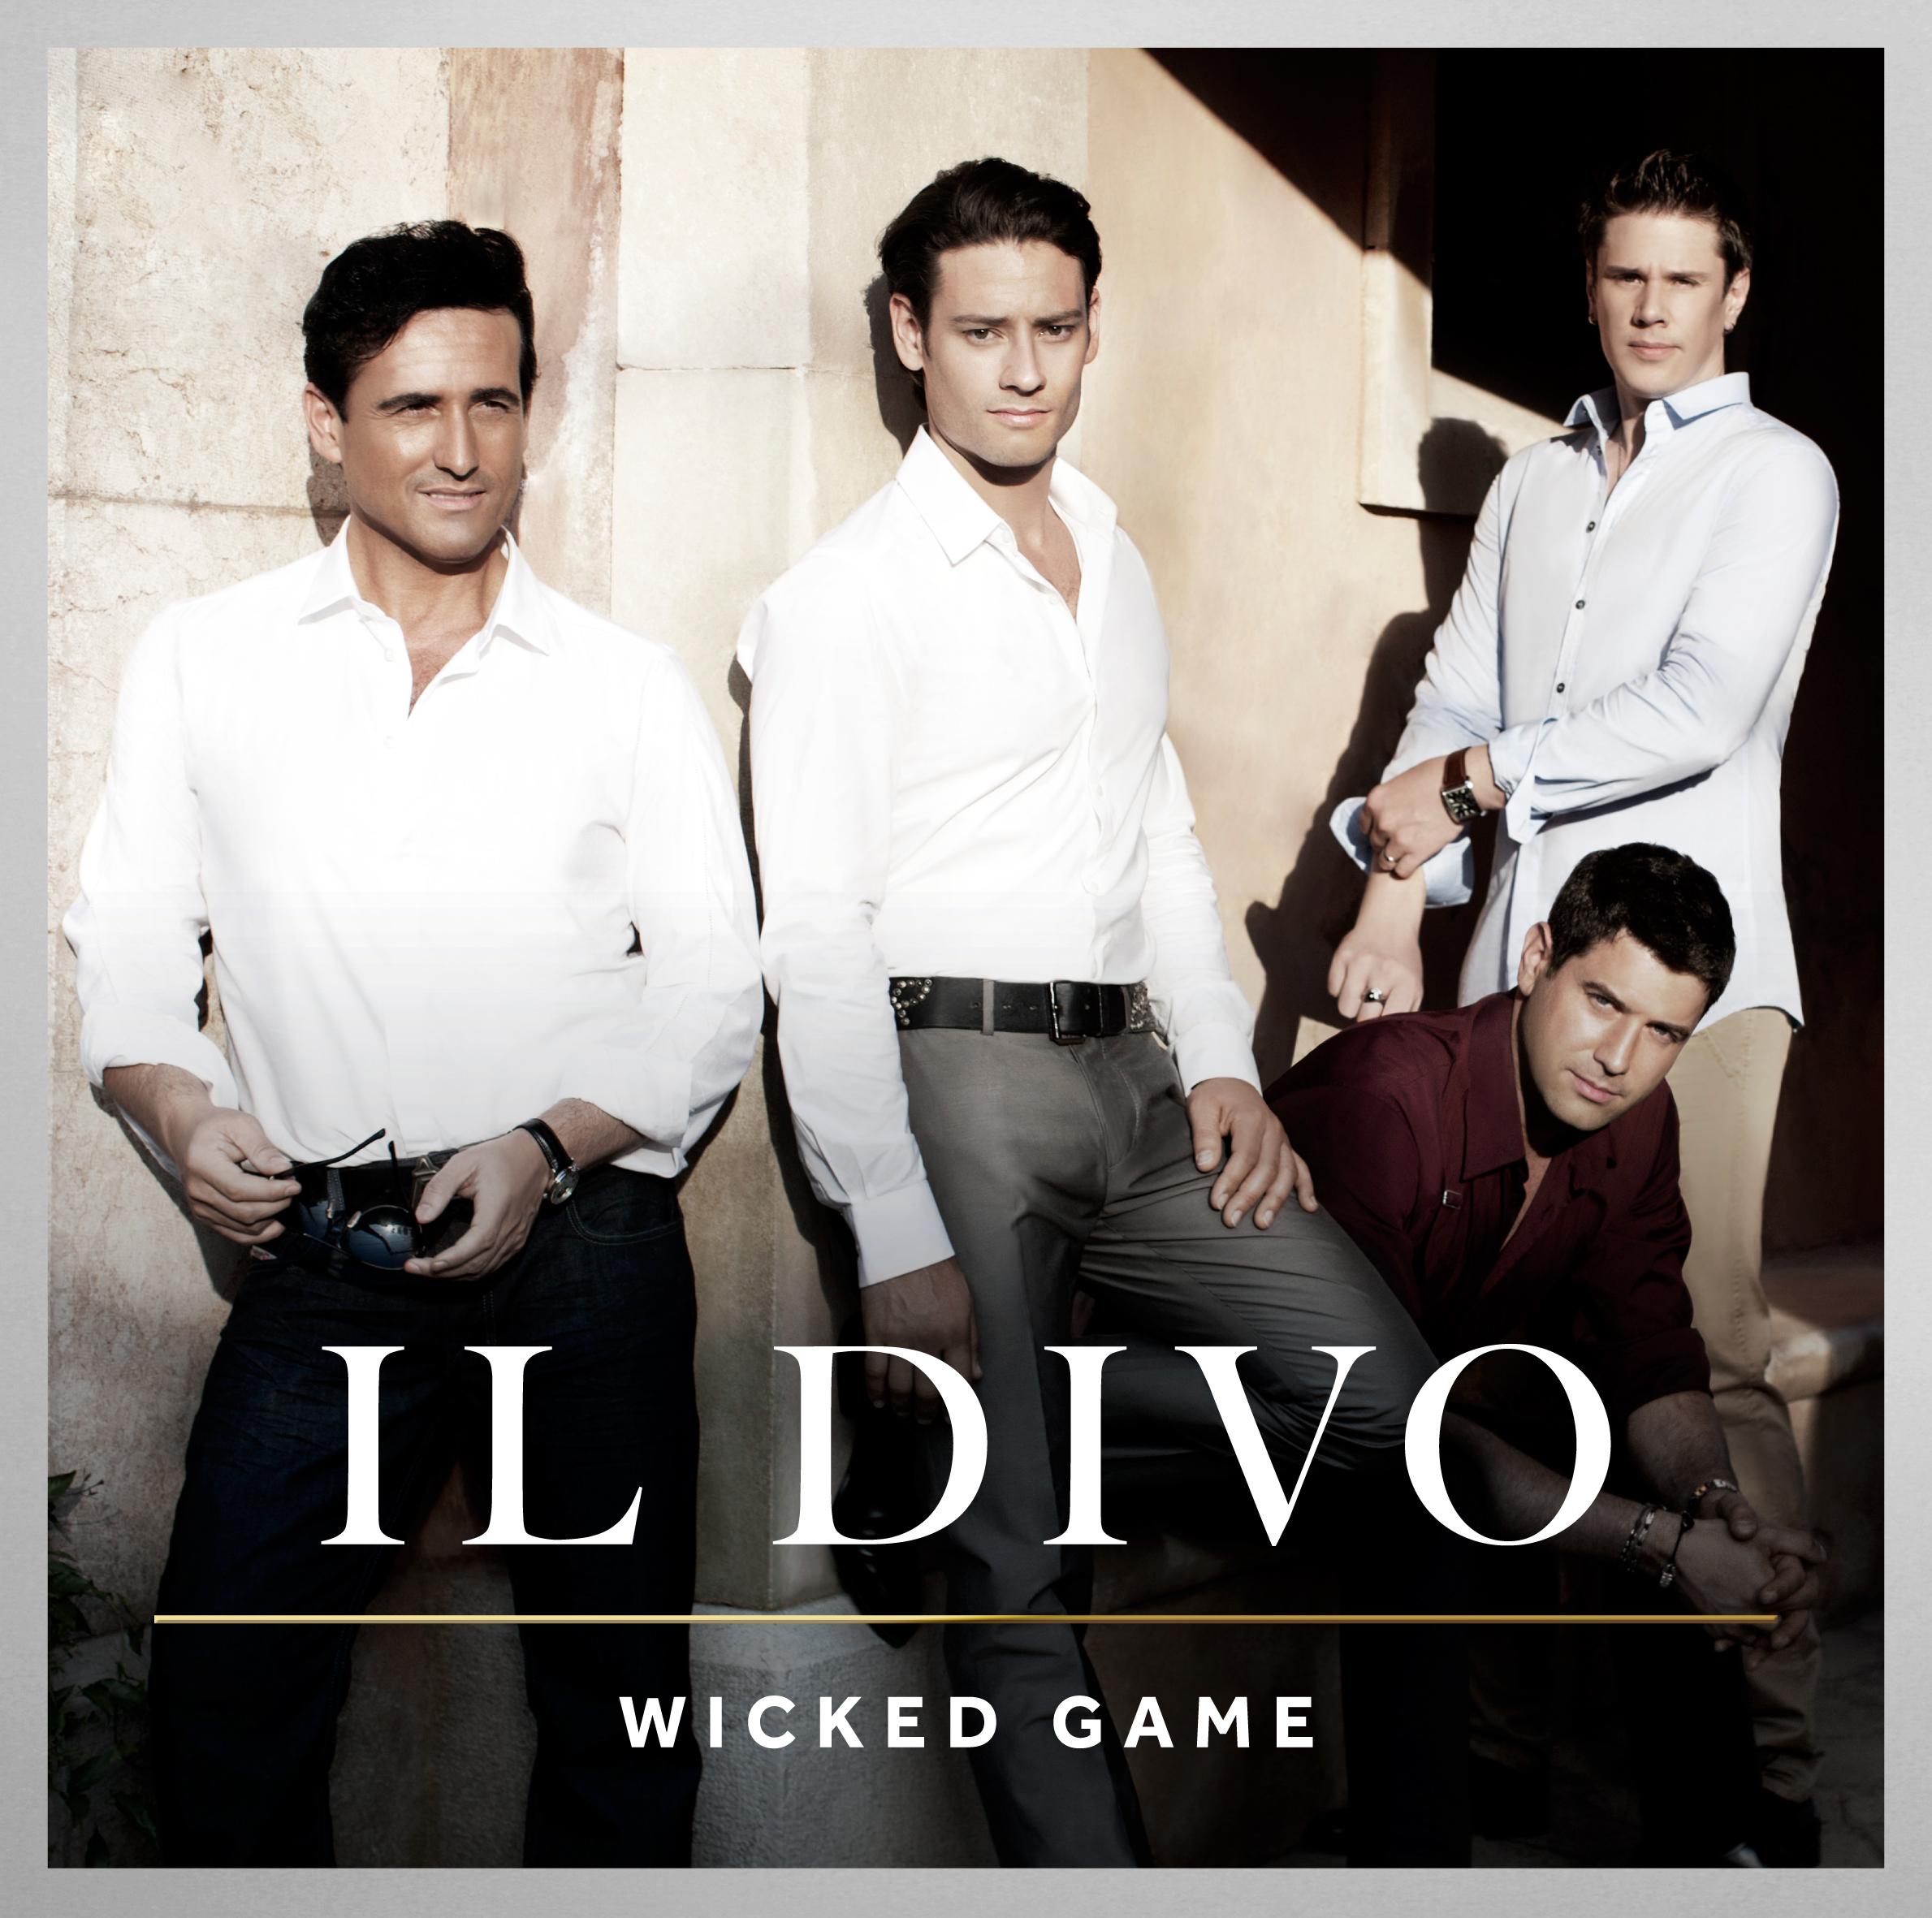 Il divo wiki music story - Il divo la promessa ...